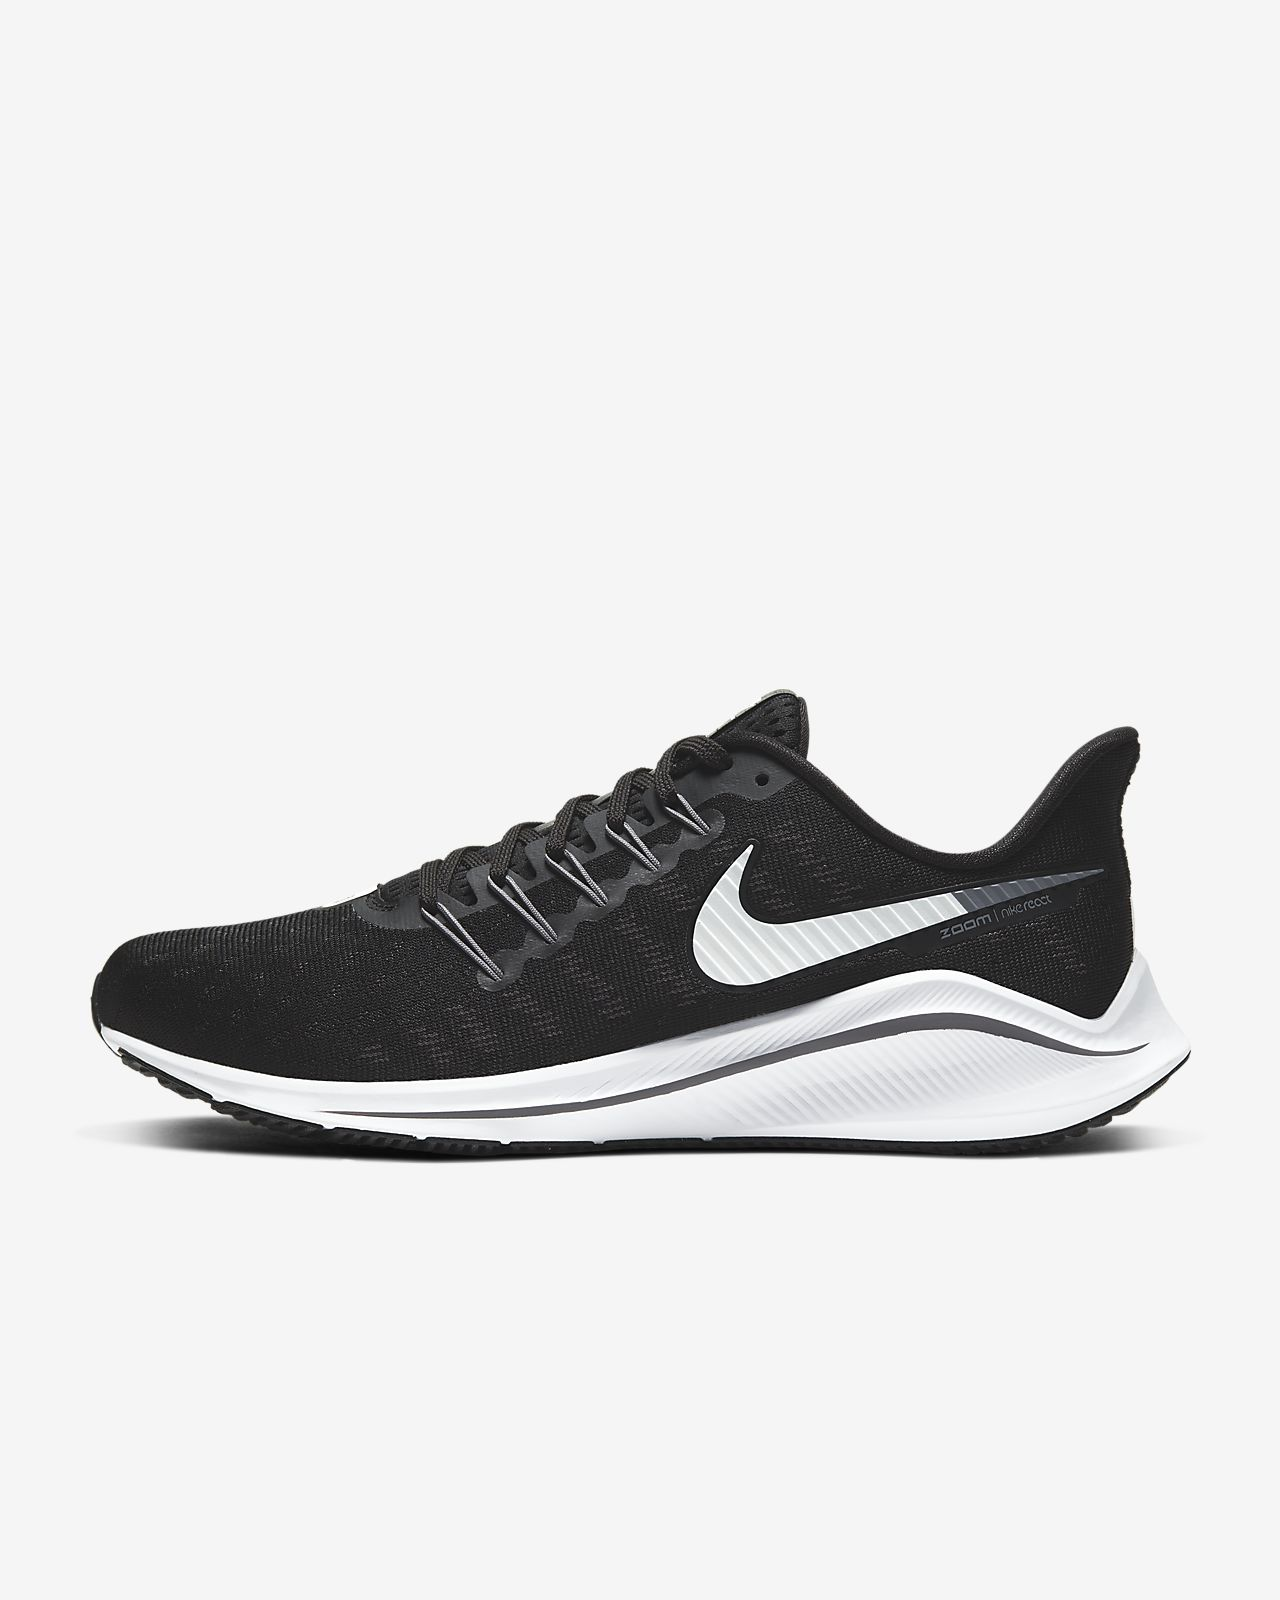 Мужские беговые кроссовки Nike Air Zoom Vomero 14